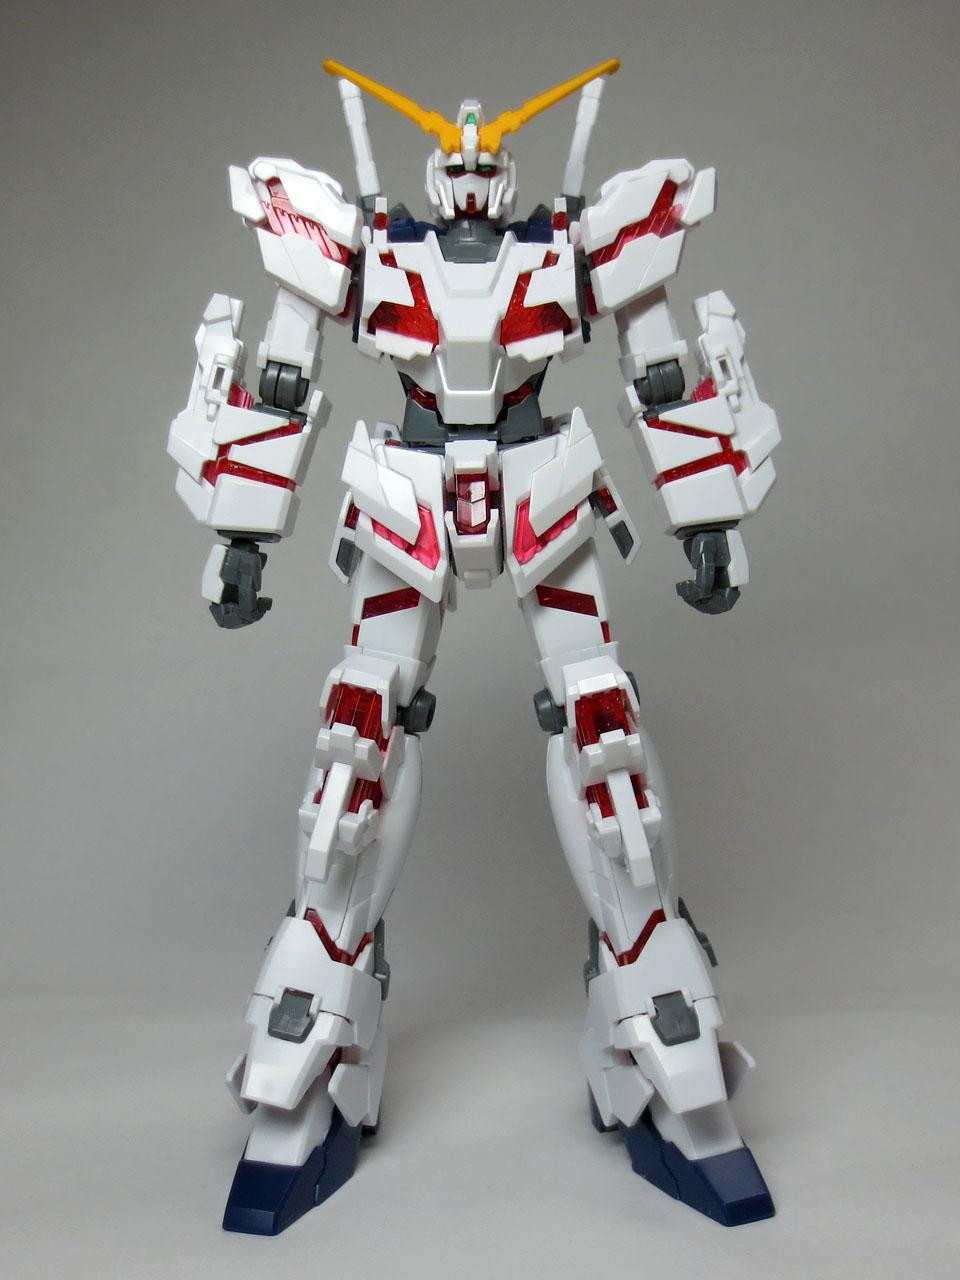 HGUC_RX_0_Unicorn__gundam_Destroy_13.jpg